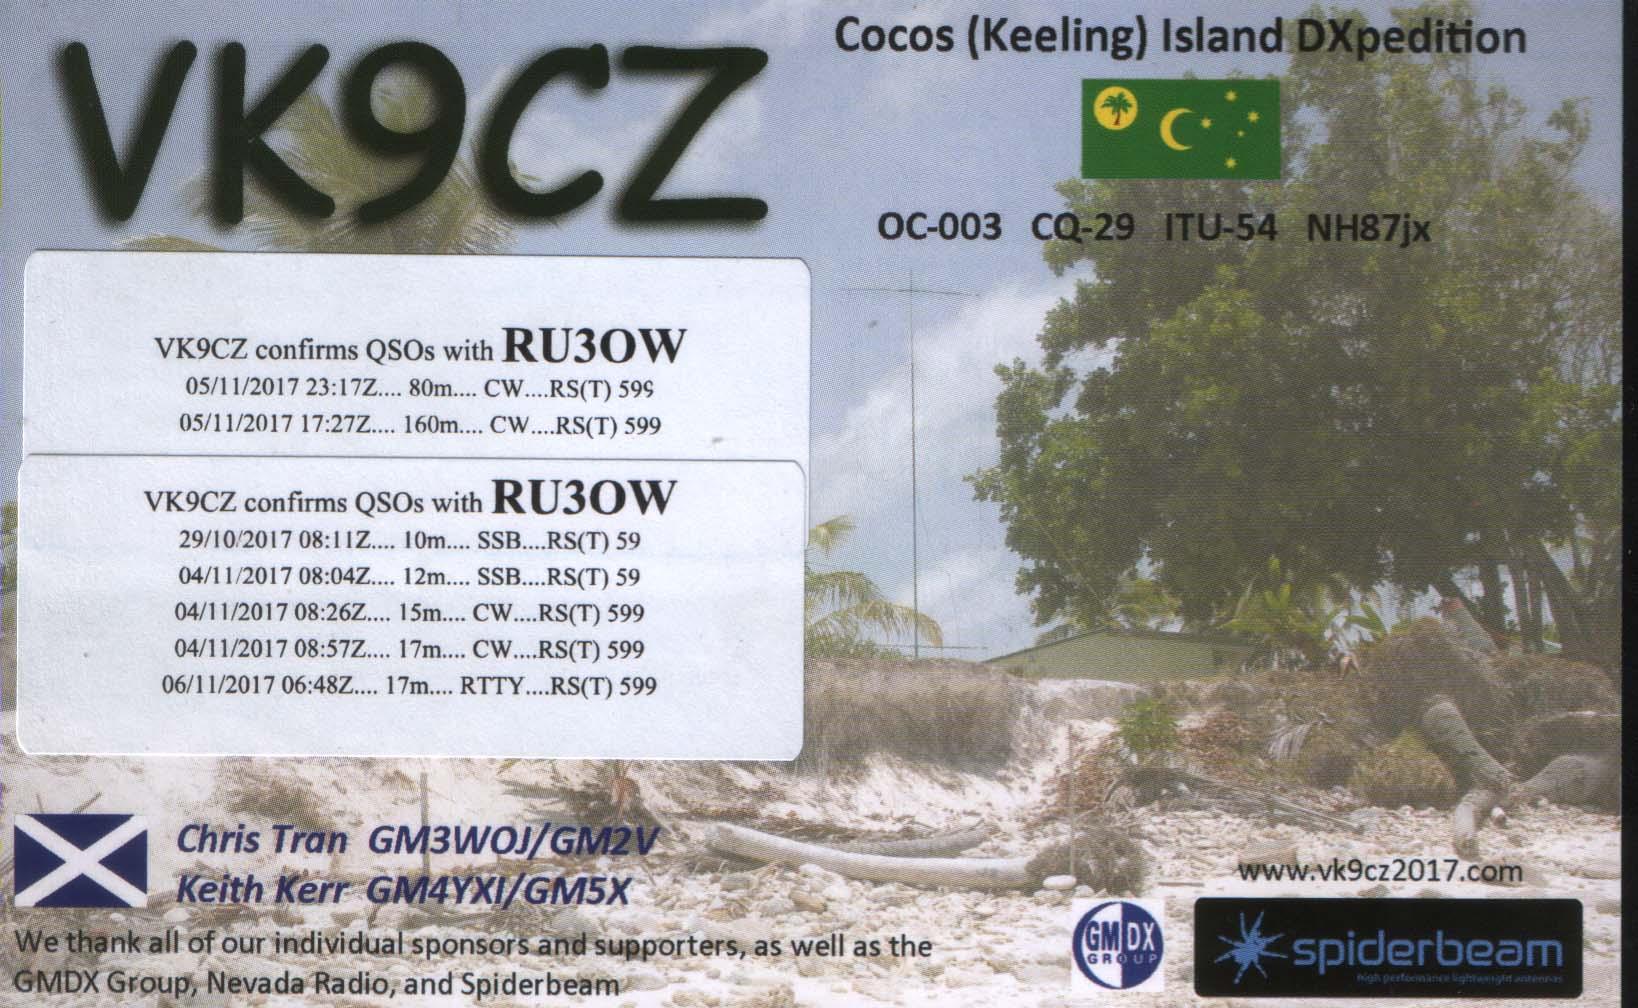 Нажмите на изображение для увеличения.  Название:VK9CZ1.jpg Просмотров:4 Размер:243.2 Кб ID:203839